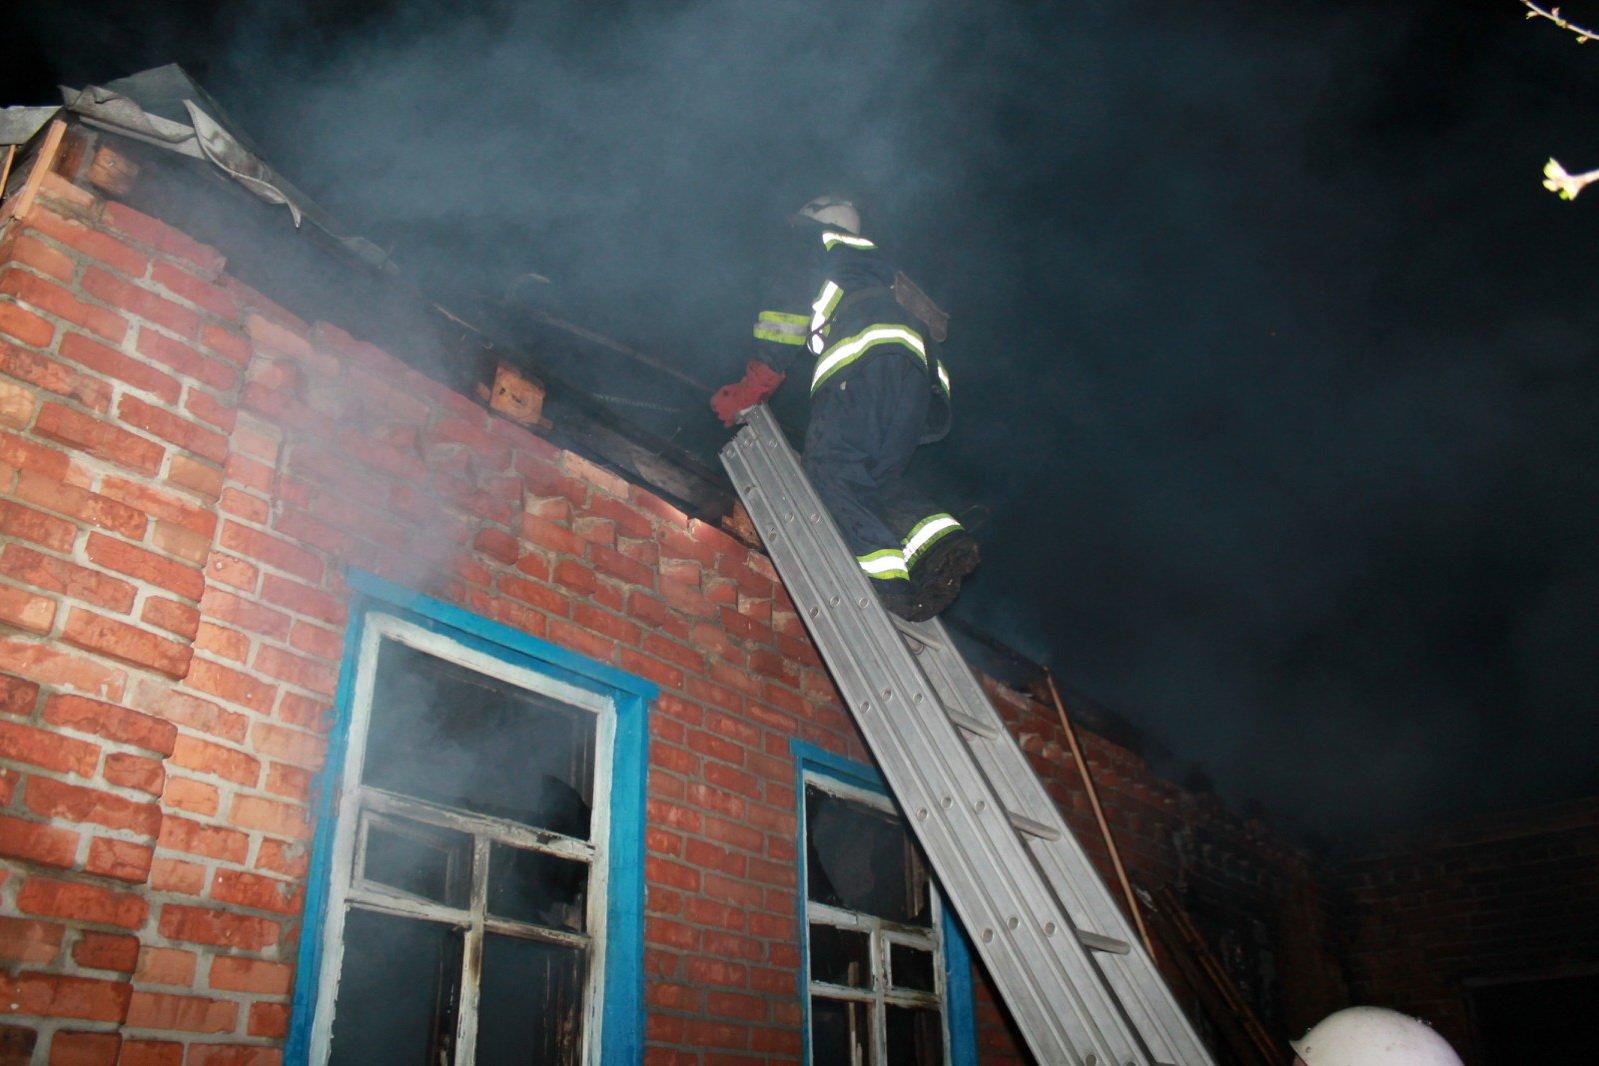 В горящем частном доме спасатели обнаружили тело его владельца (фото)